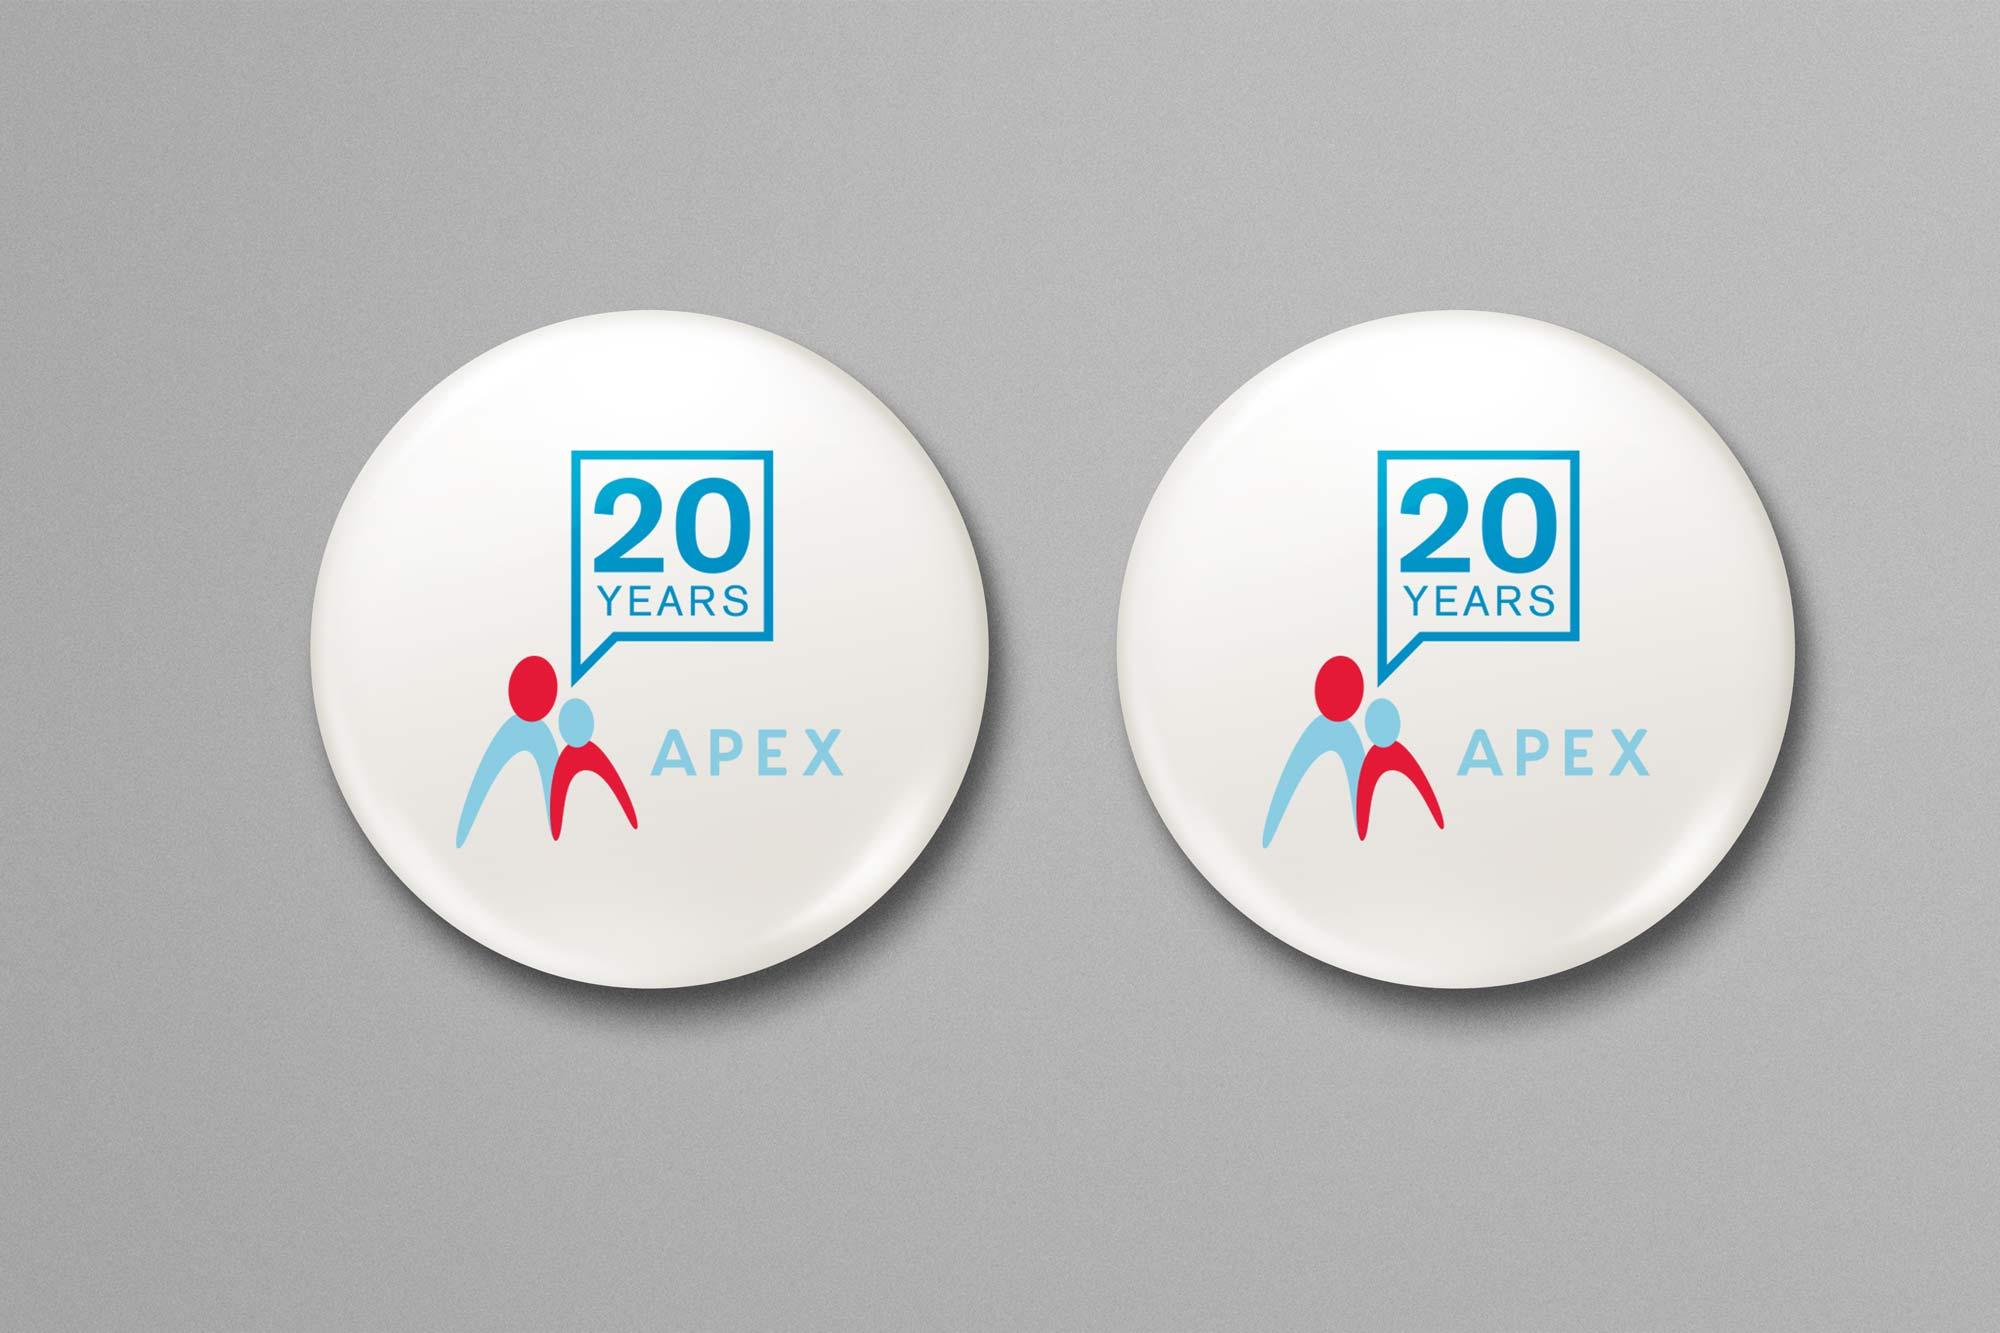 apex20_pins.jpg